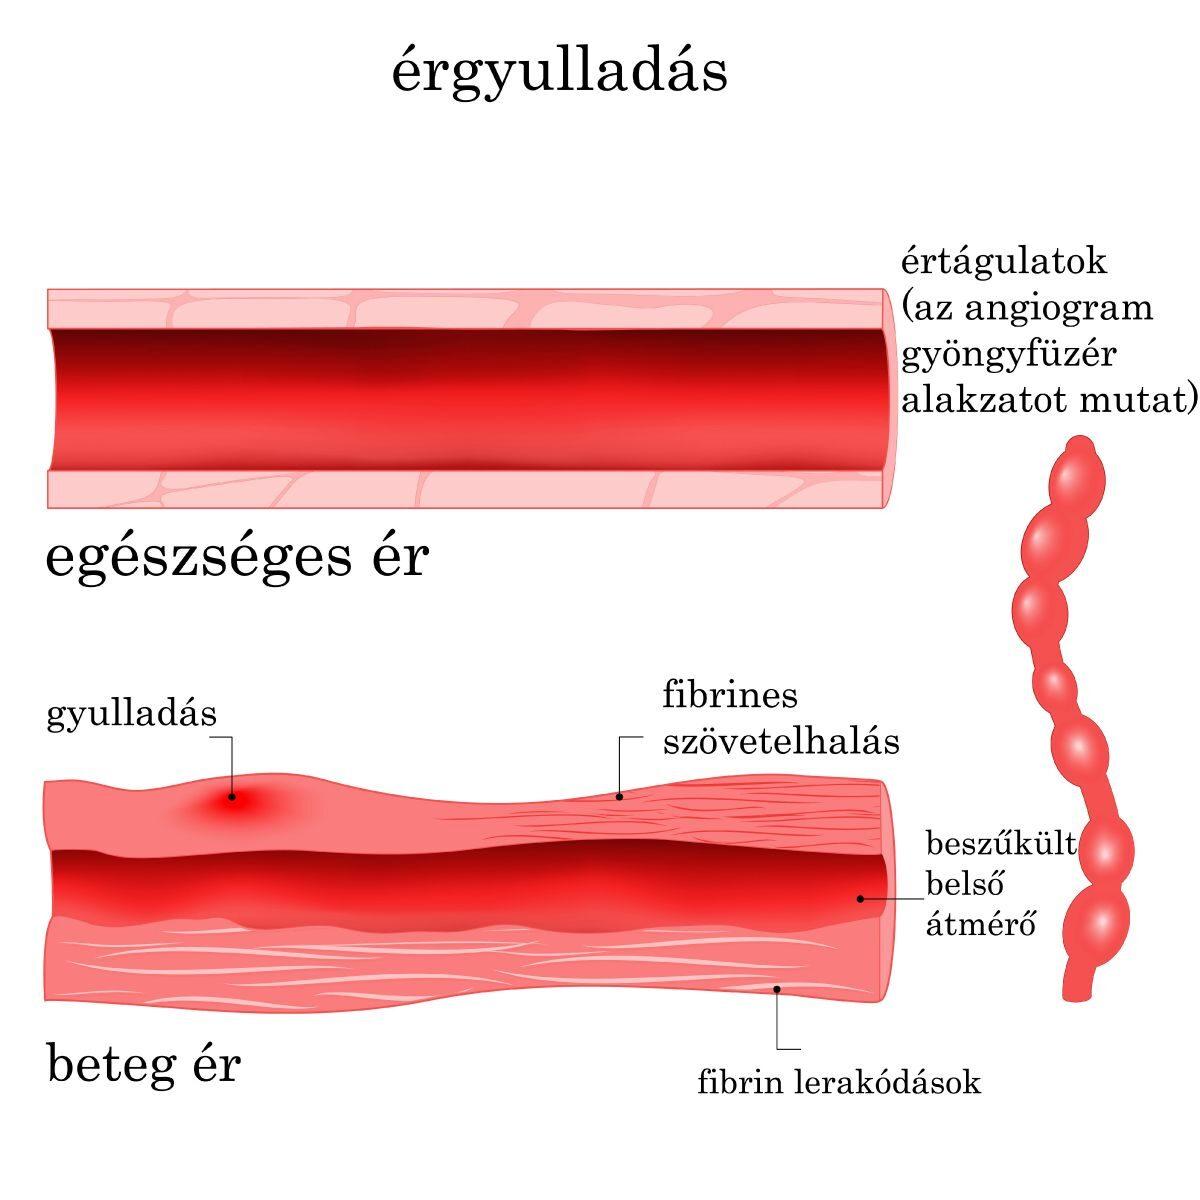 Pressoterápiás felülvizsgálatok a hasnyálmirigyek számára